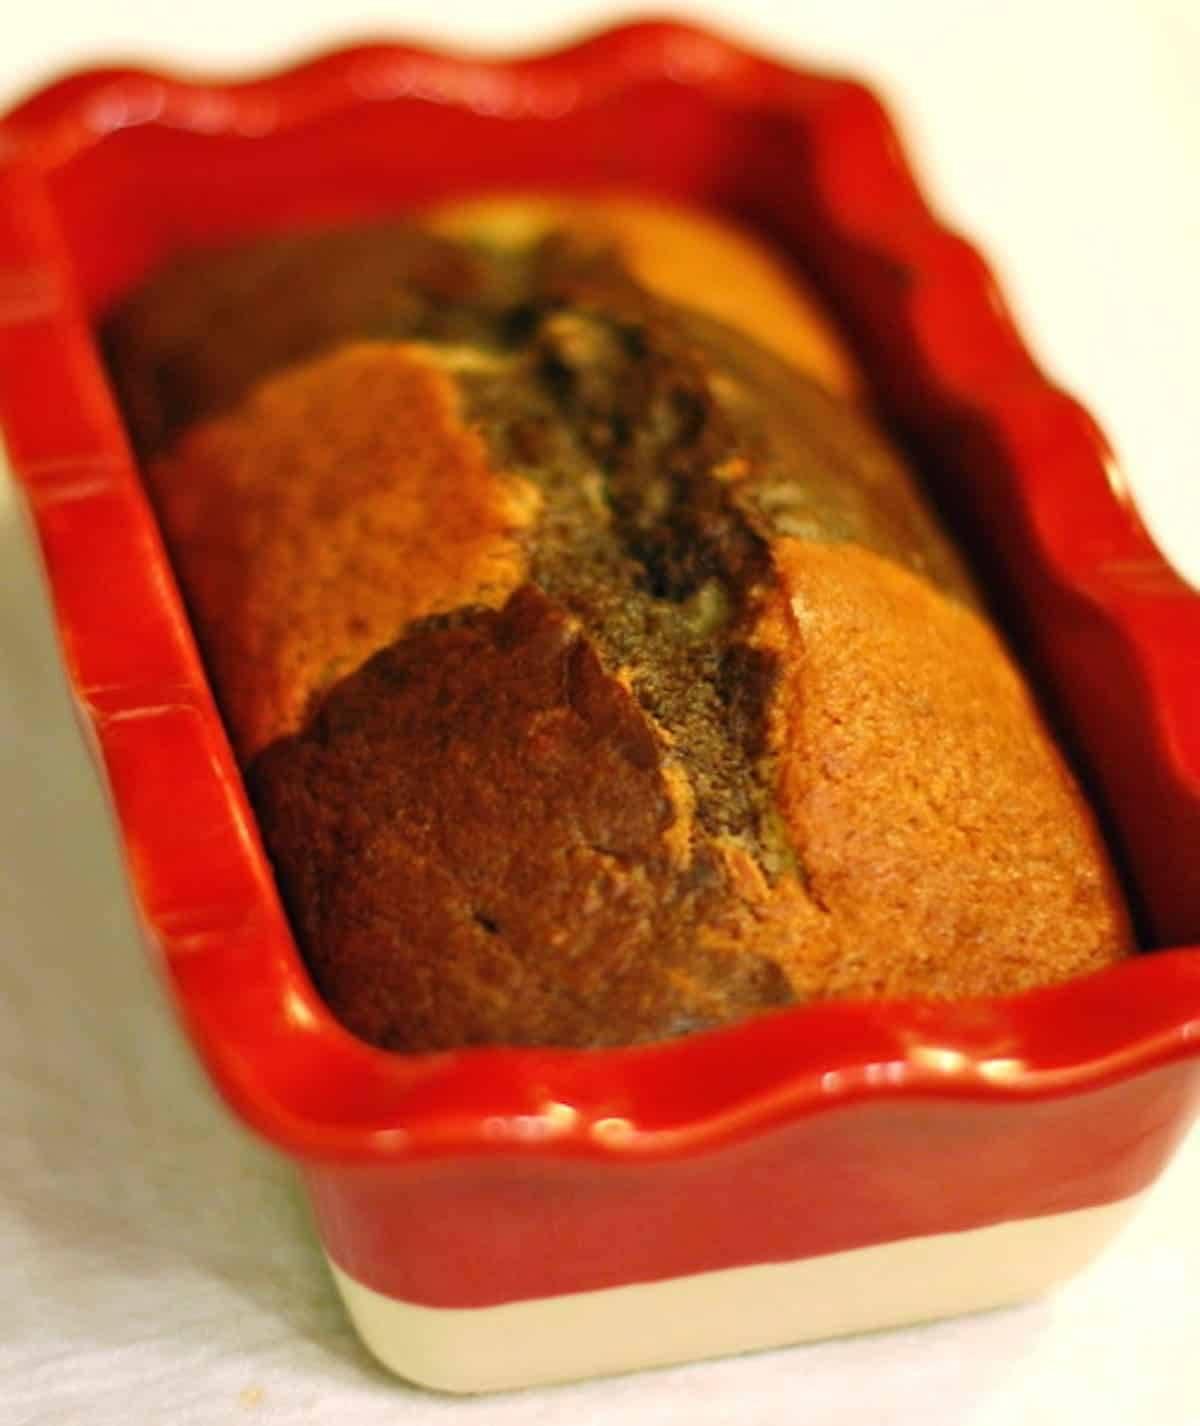 Chocolate Checkered Banana Bread Recipe - Pinch of Yum